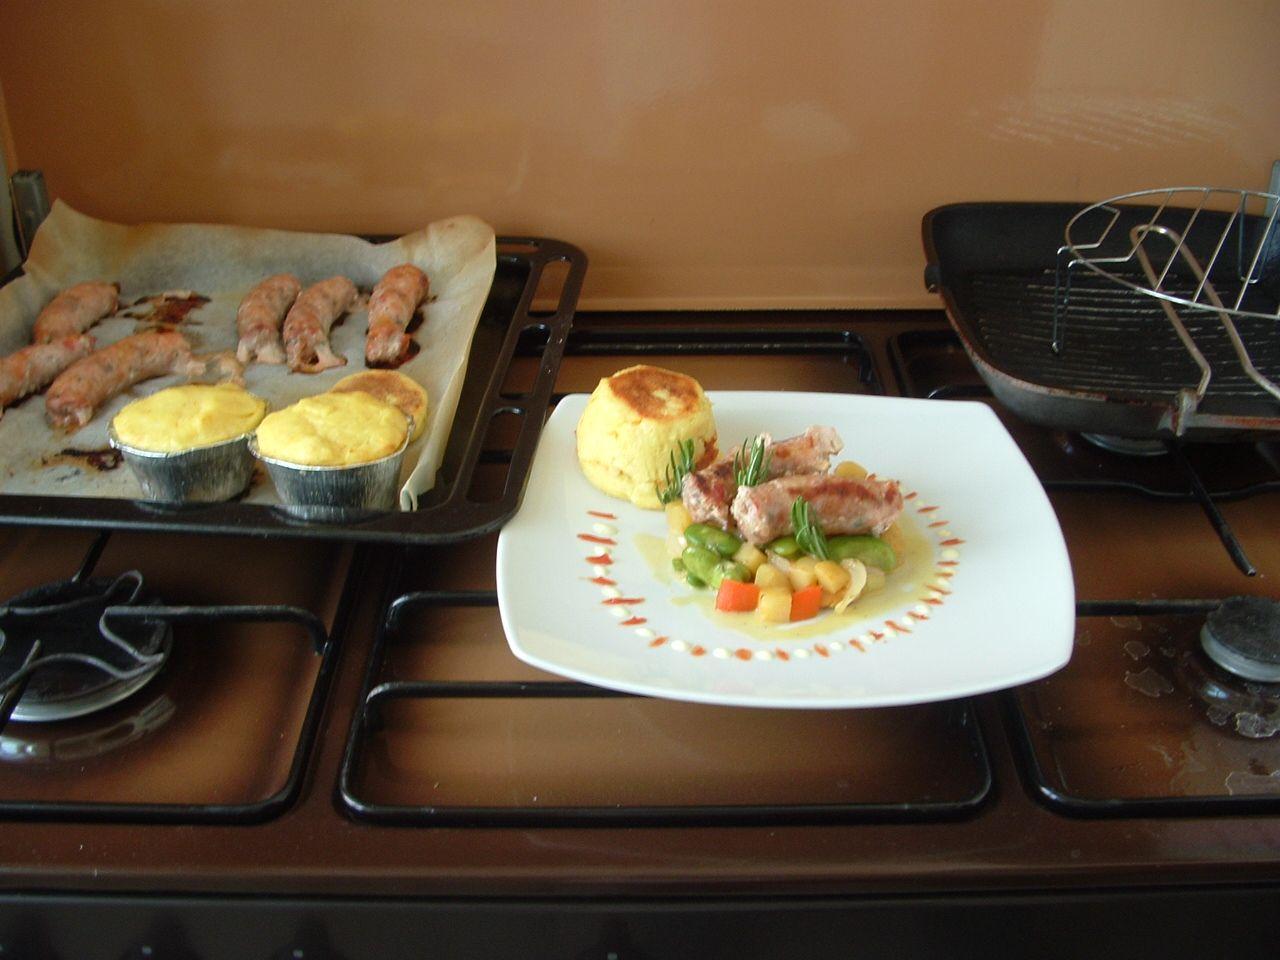 La    cucina a  casa  /-  Gino D'Aquino  ,.- .-______  >  > __ <   ,.-,.,.-,.  <^>